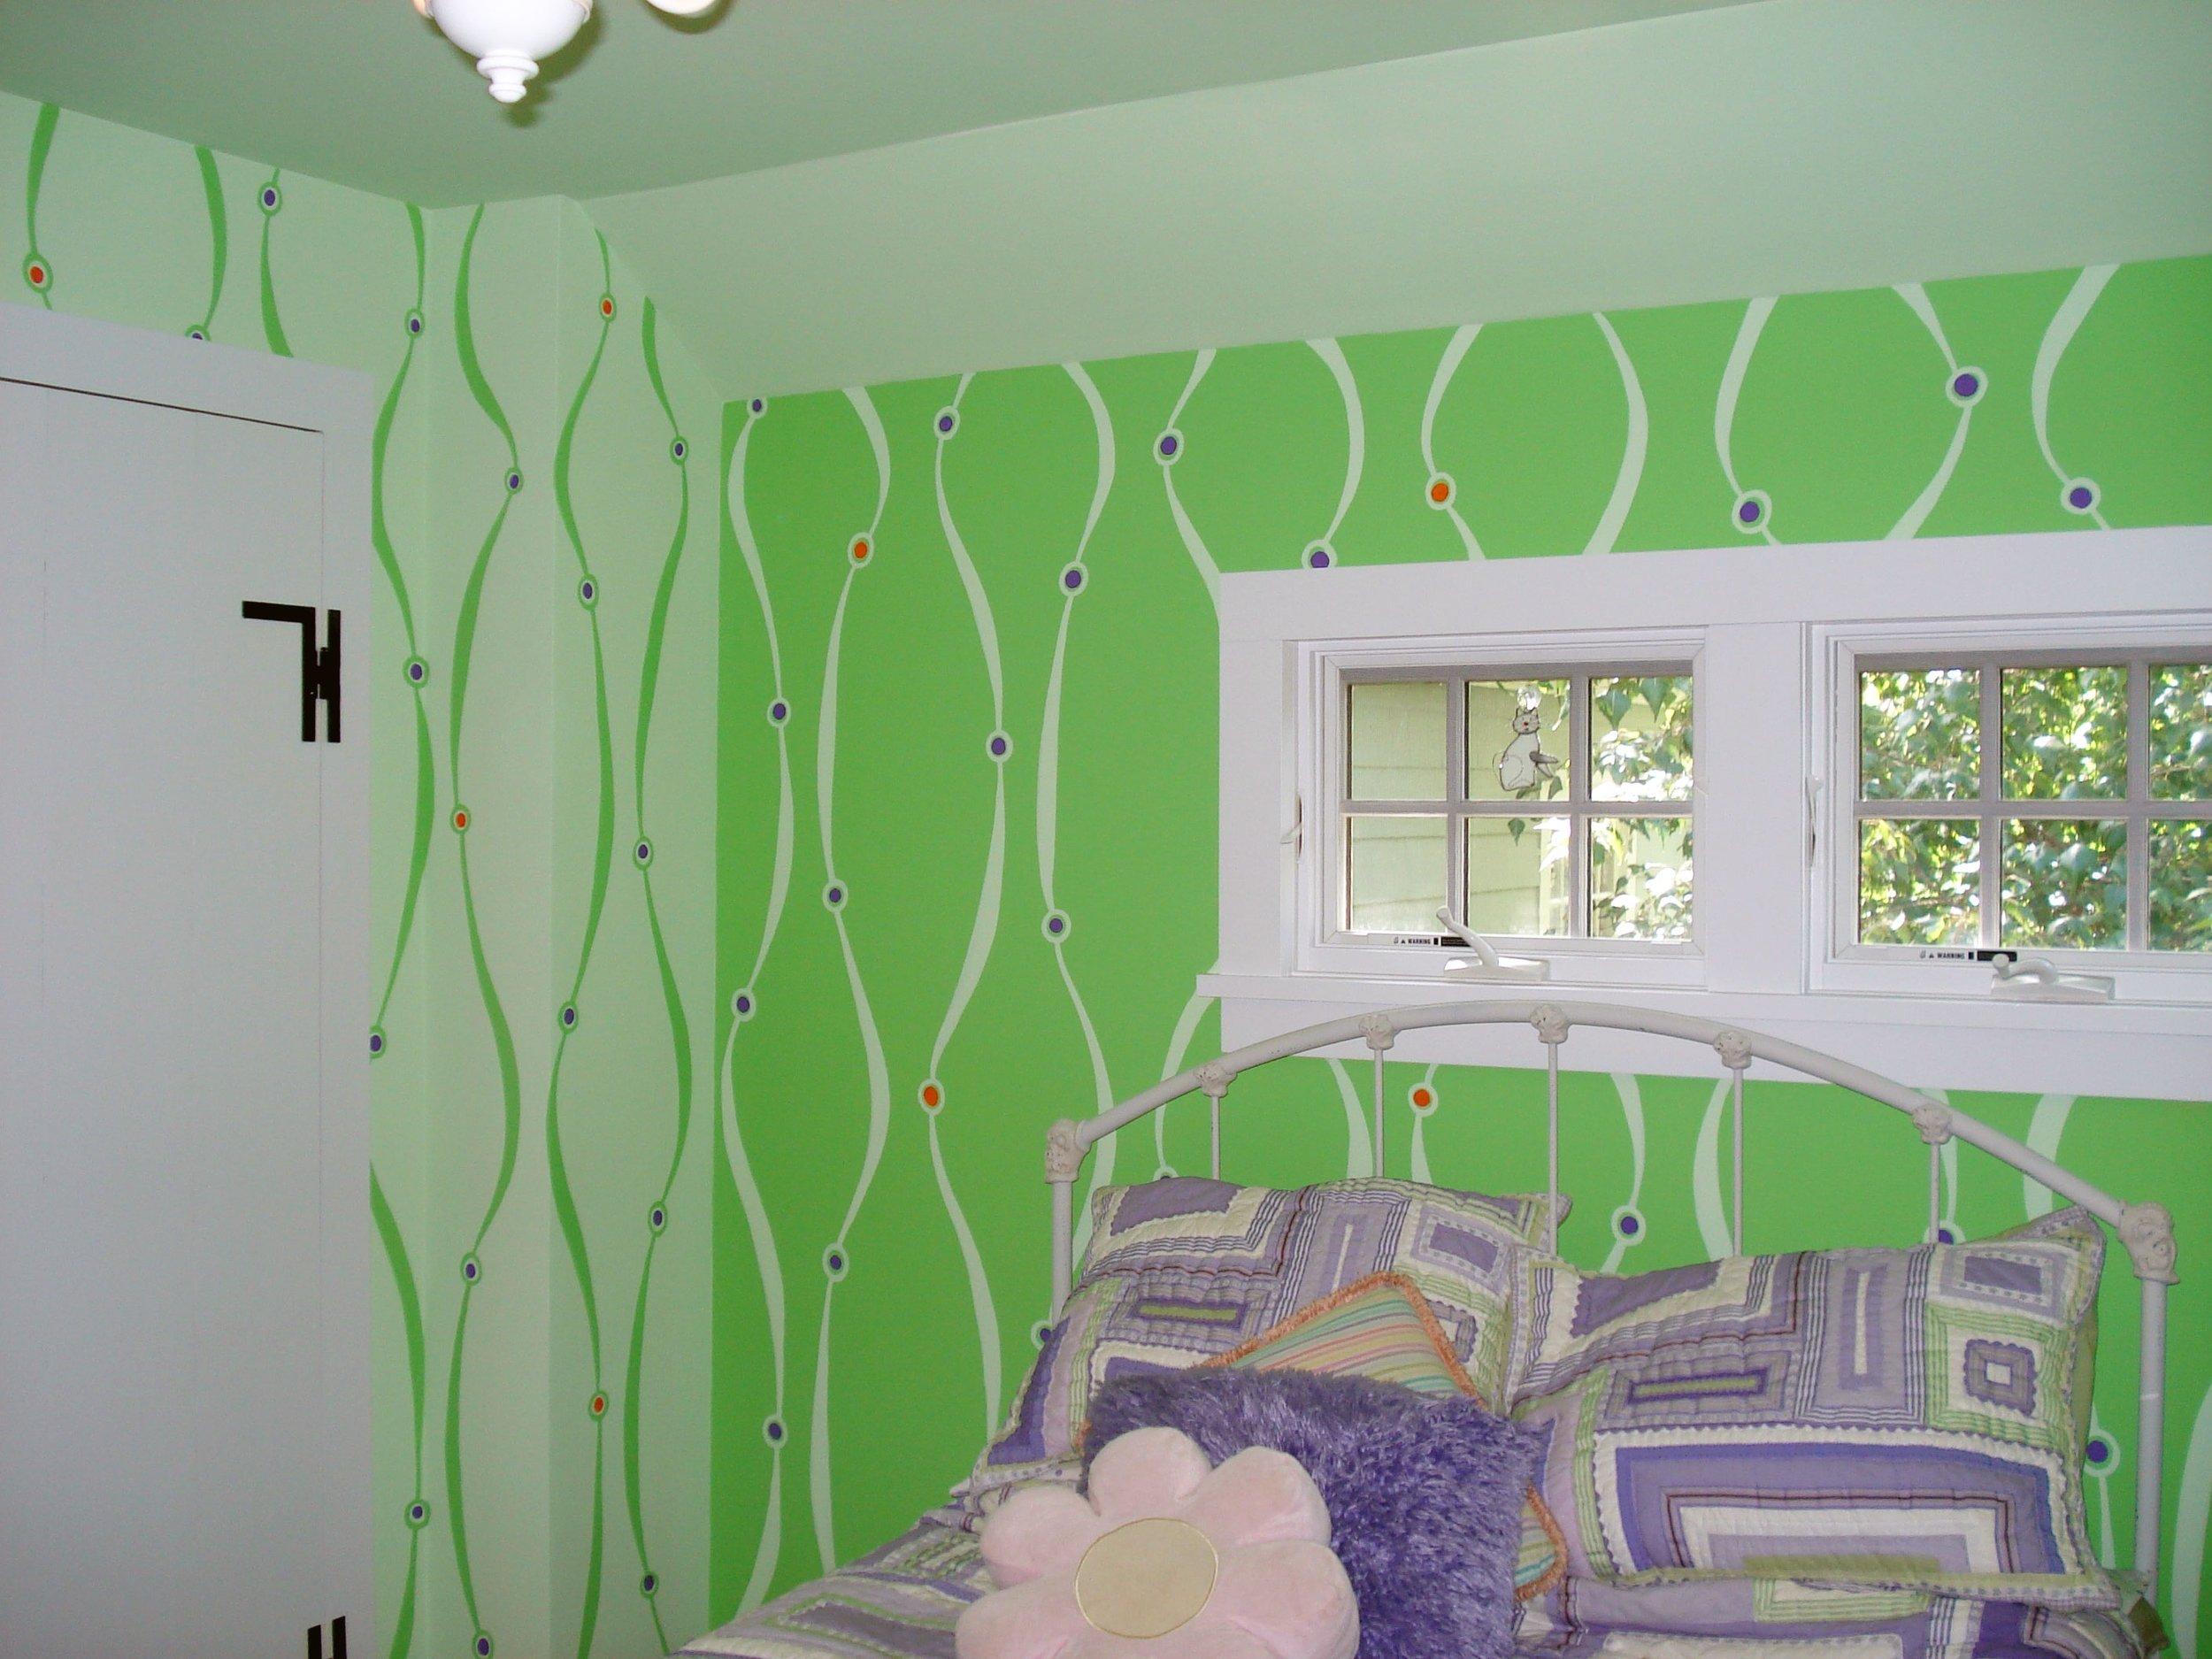 whimsical_4_fullsize.jpg whimsical girls bedroom.jpg